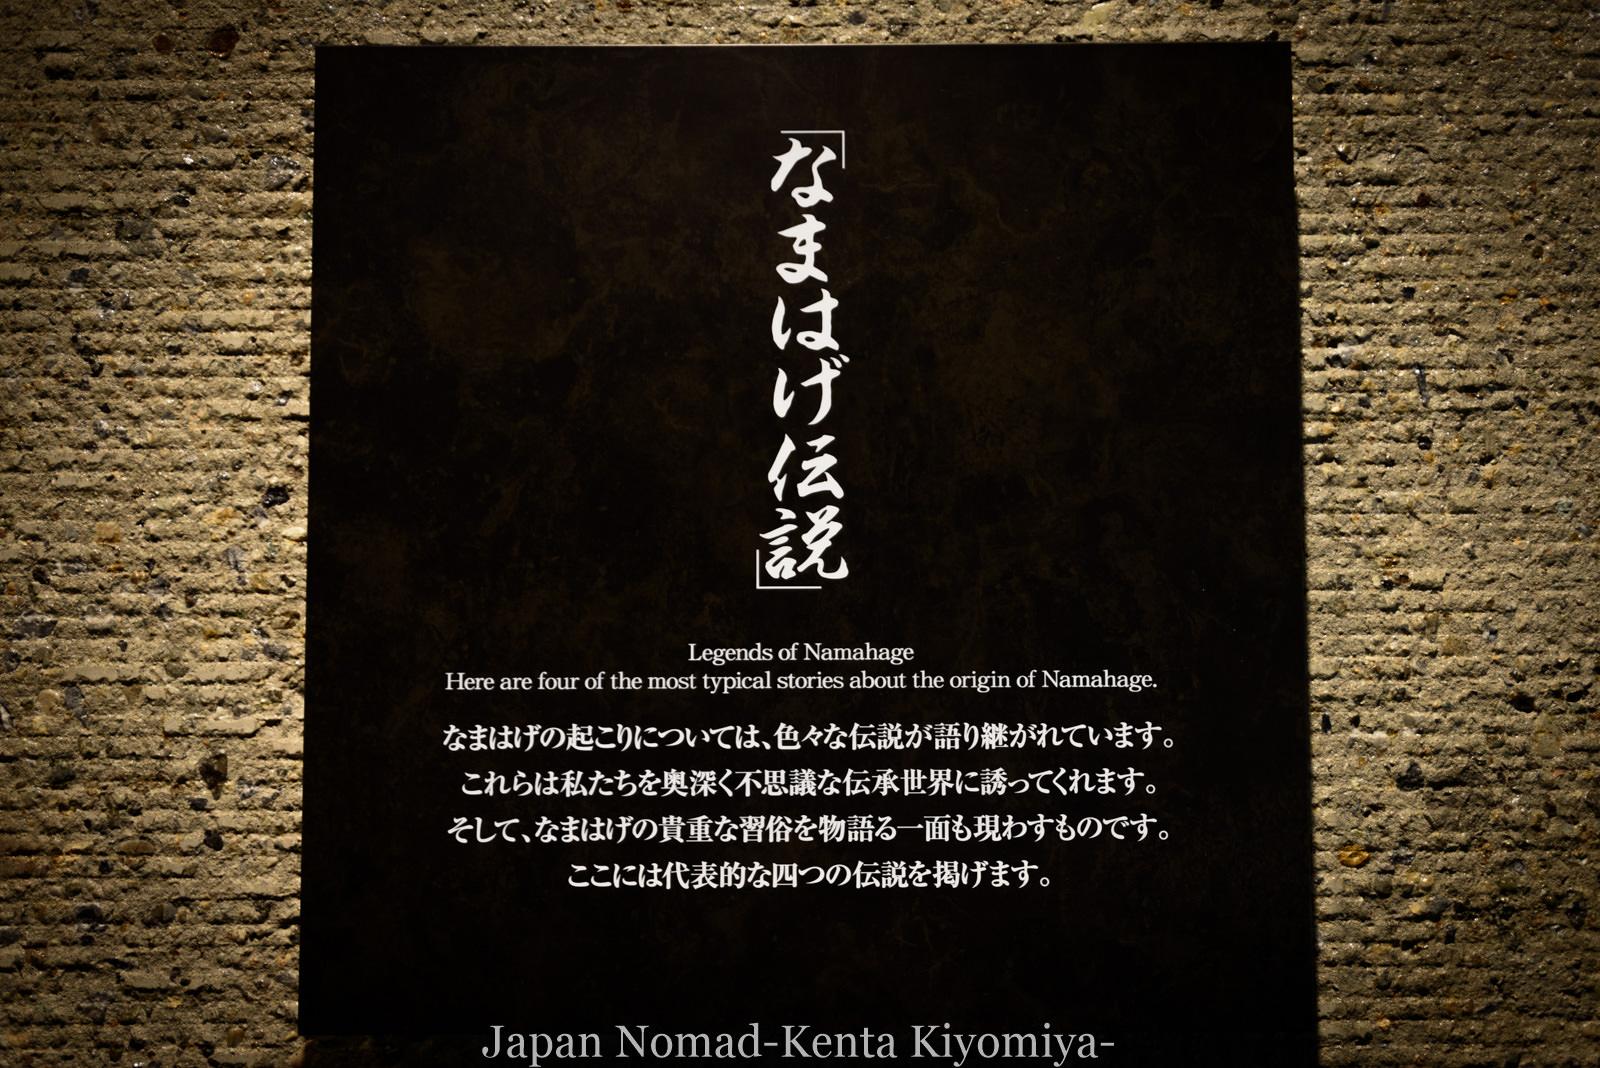 自転車日本一周127日目(なまはげ、ハタハタ丼、寒風山、男鹿半島)-Japan Nomad (24)